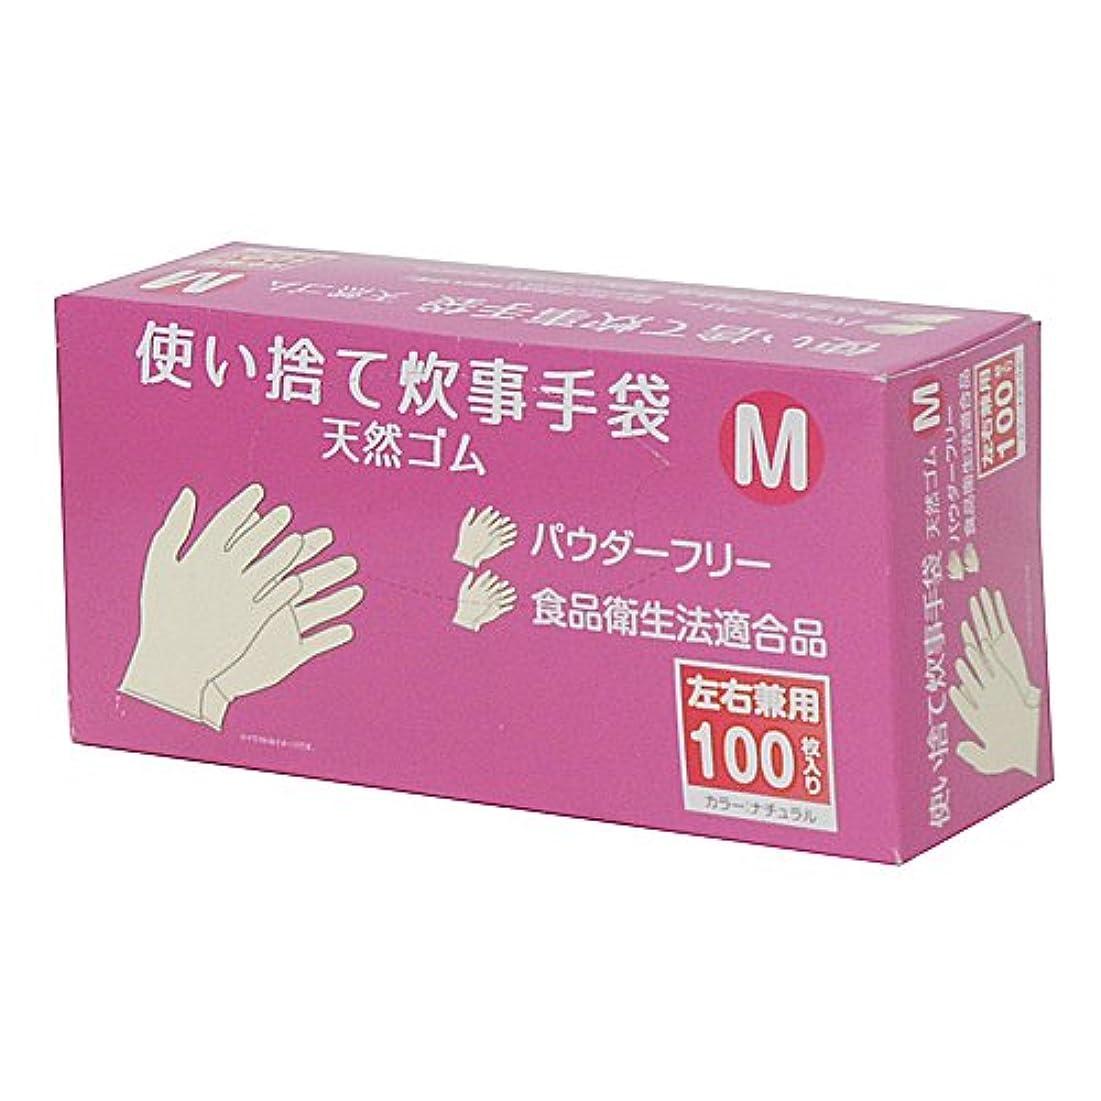 マグヘクタールタオルコーナンオリジナル 使い捨て 炊事手袋 天然ゴム 100枚入り M KFY05-1128